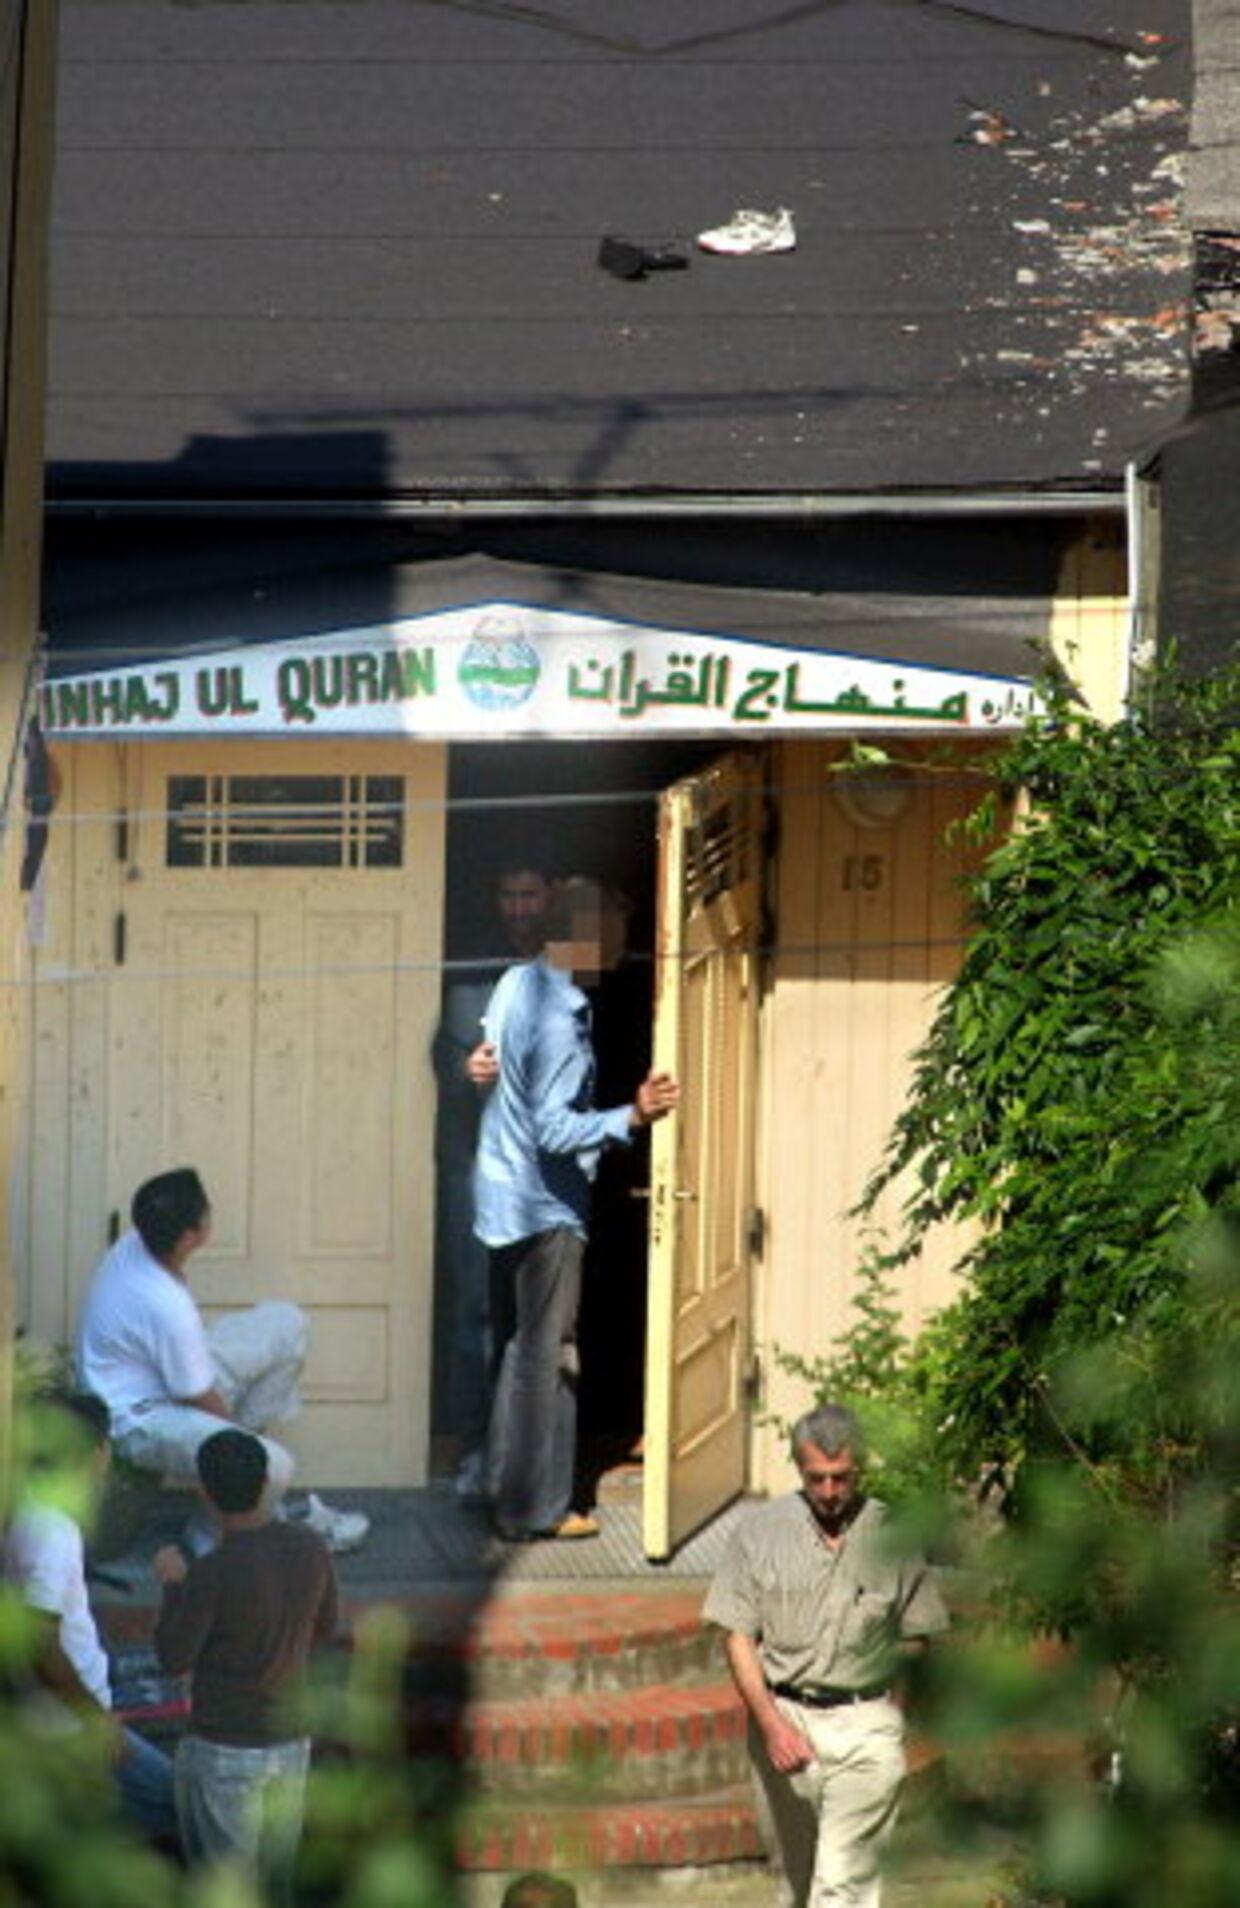 DET TA'R KUN 15 MINUTTER: B.T.s muldvarp »Hamid« viser, hvor nemt det er at sende sine to små piger på genopdragelse i Pakistan. Her går han ind i Minhaj-moskeen i Valby, 15 minutter efter har han et telefonnummer på en kontaktperson, der er klar til at sende hans to døtre på 10 og 13 år i pakistansk koranfængsel. Foto: Martin Sylvest